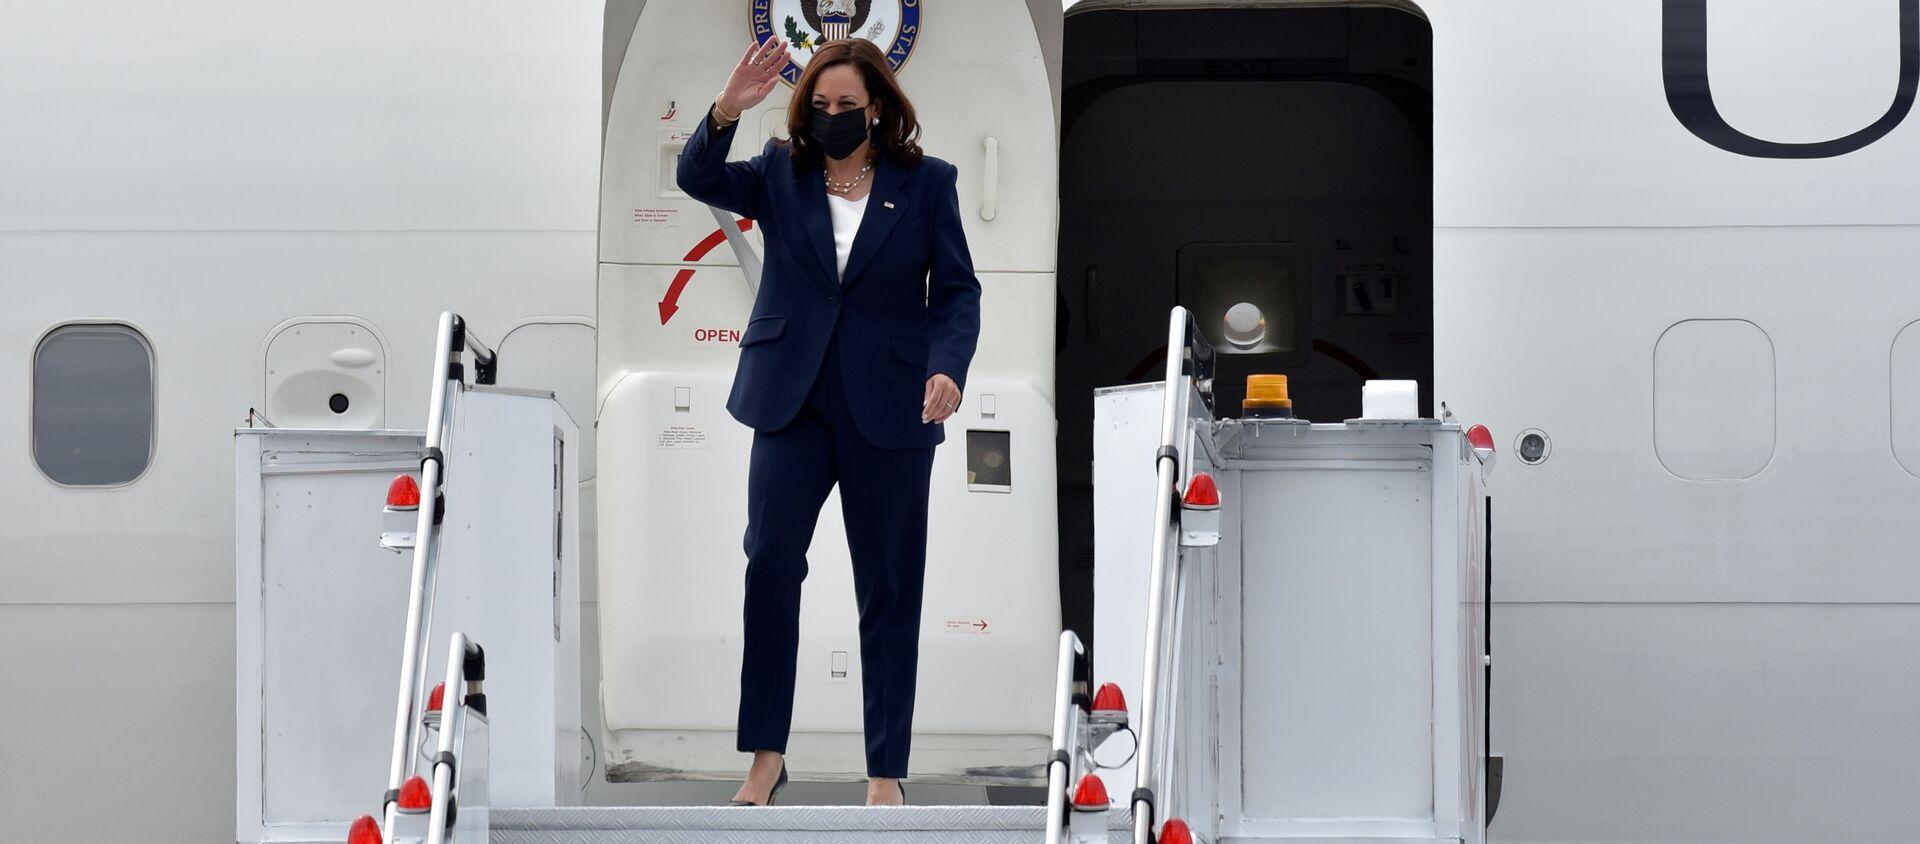 Phó Tổng thống Hoa Kỳ Kamala Harris đến Căn cứ Không quân Paya Lebar ở Singapore ngày 22 tháng 8 năm 2021 - Sputnik Việt Nam, 1920, 24.08.2021